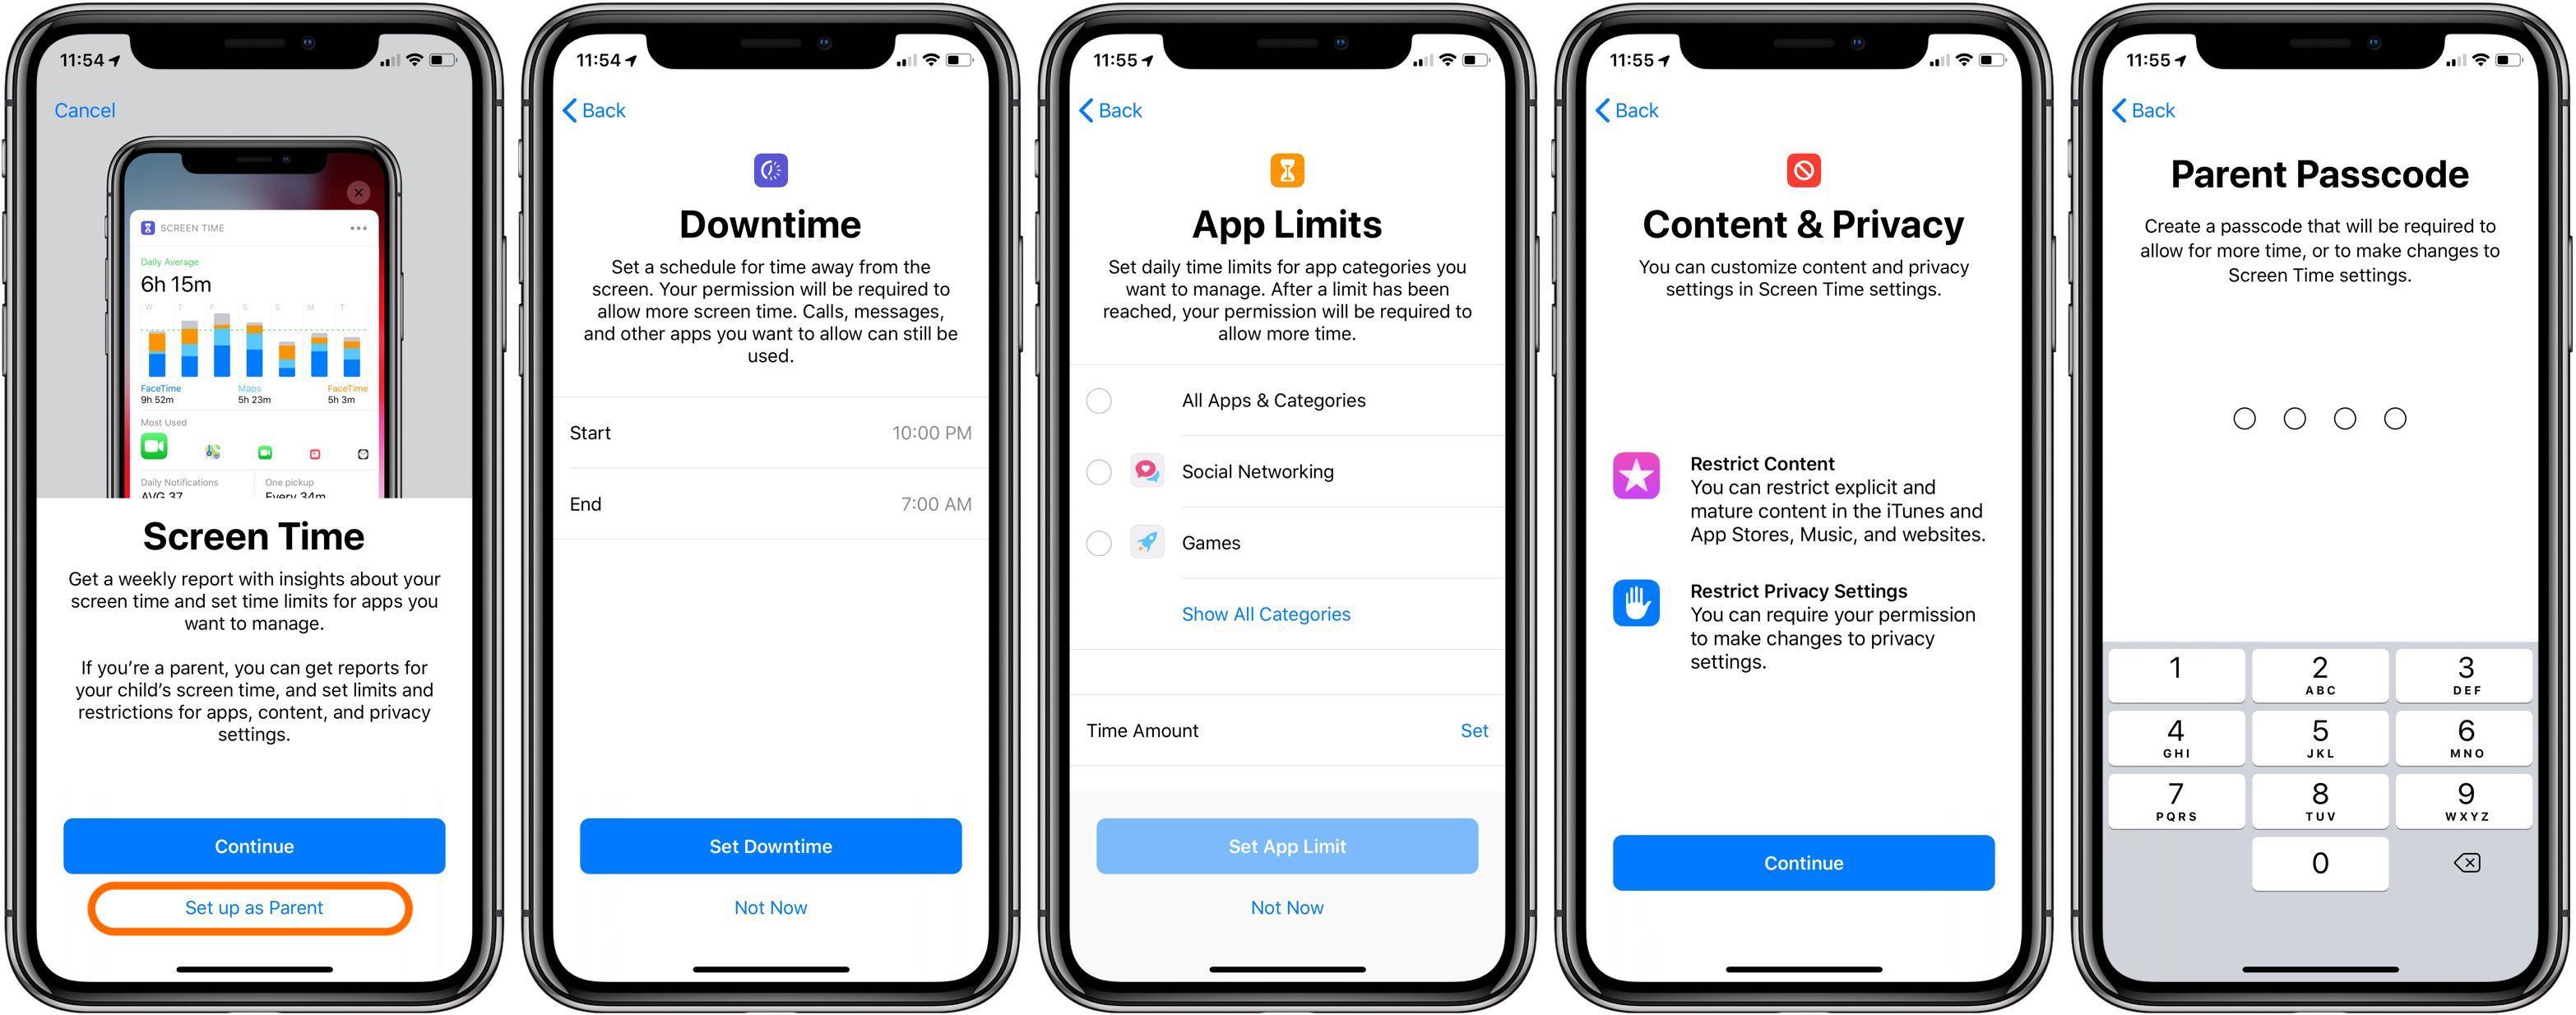 Ios app for parental control